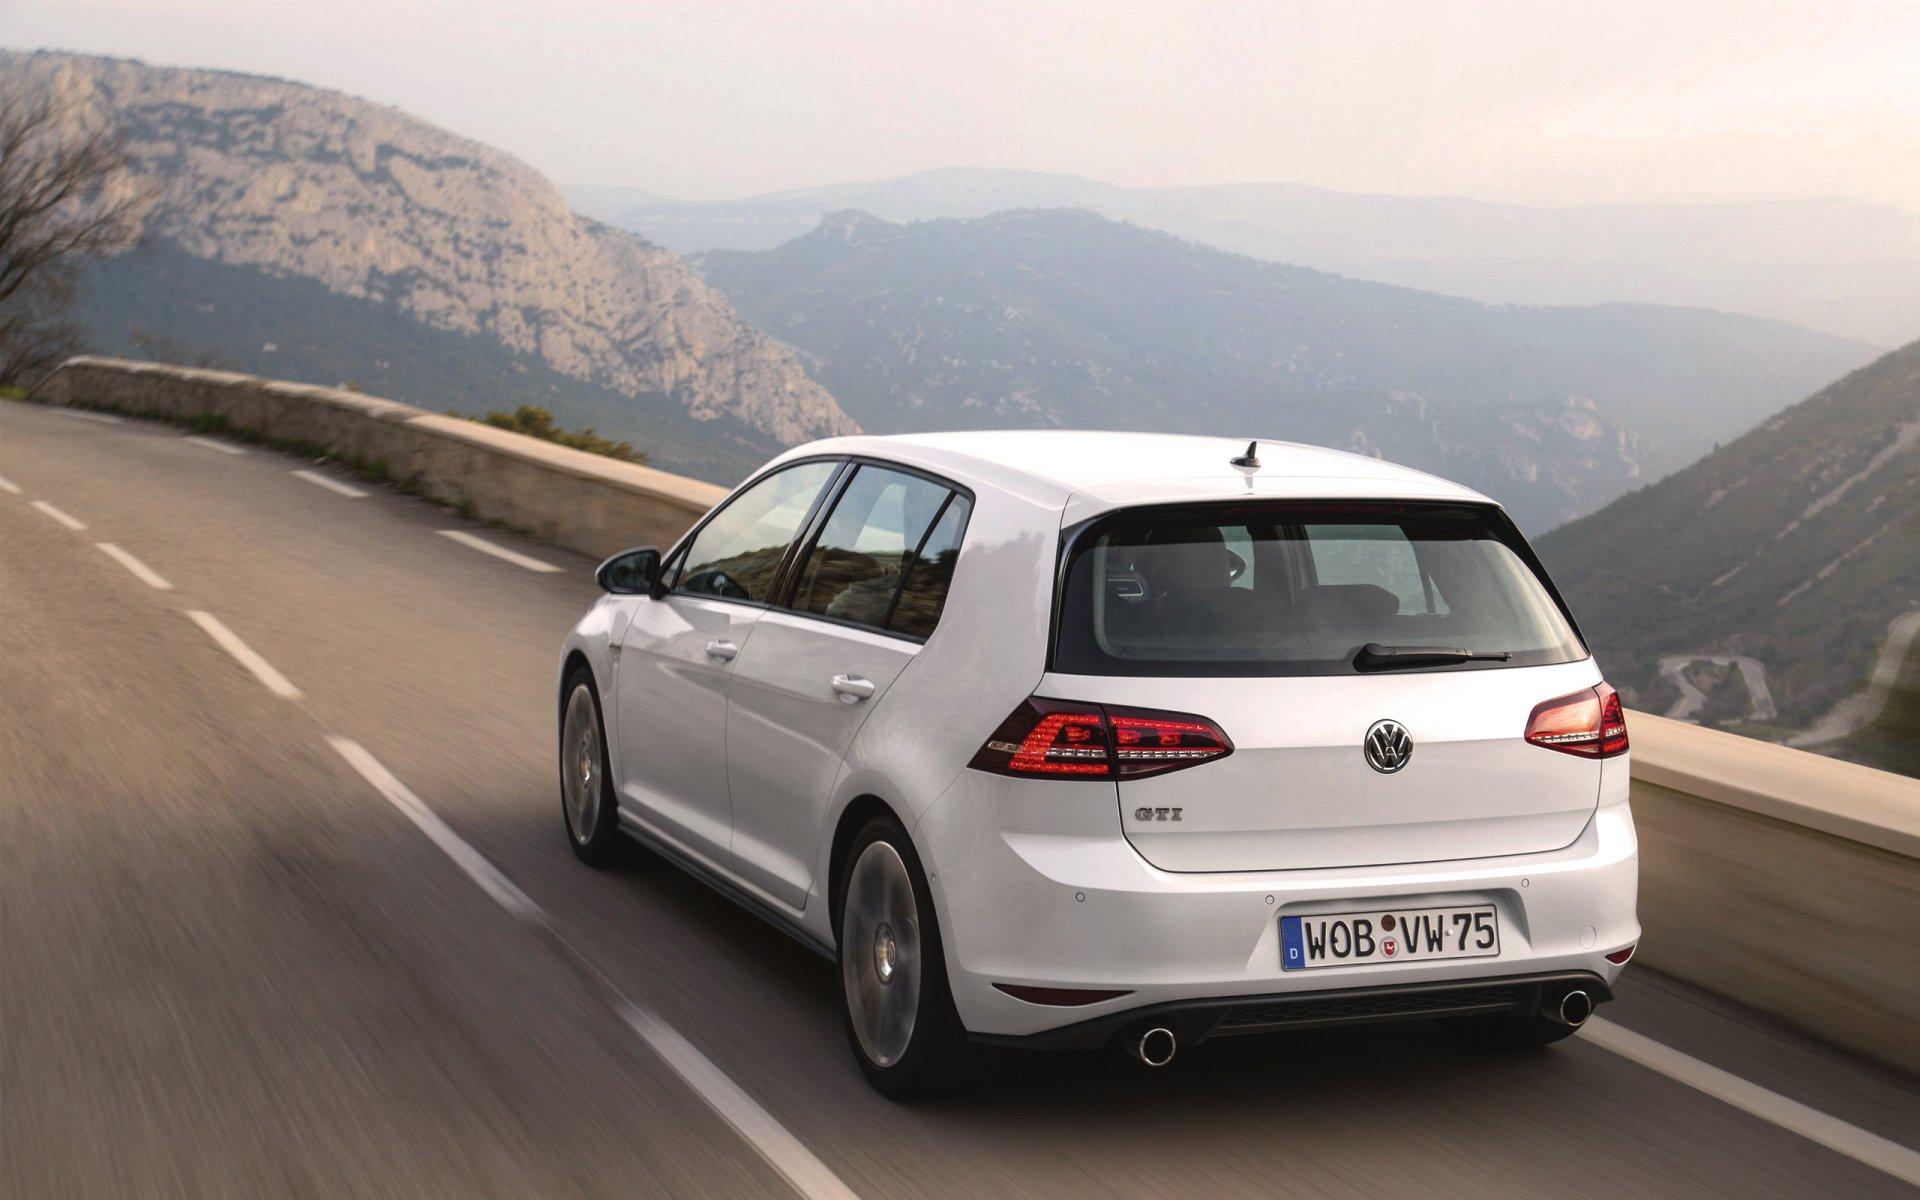 Обзоры б/у авто Volkswagen Golf (Фольксваген Гольф) с пробегом ... | 1200x1920